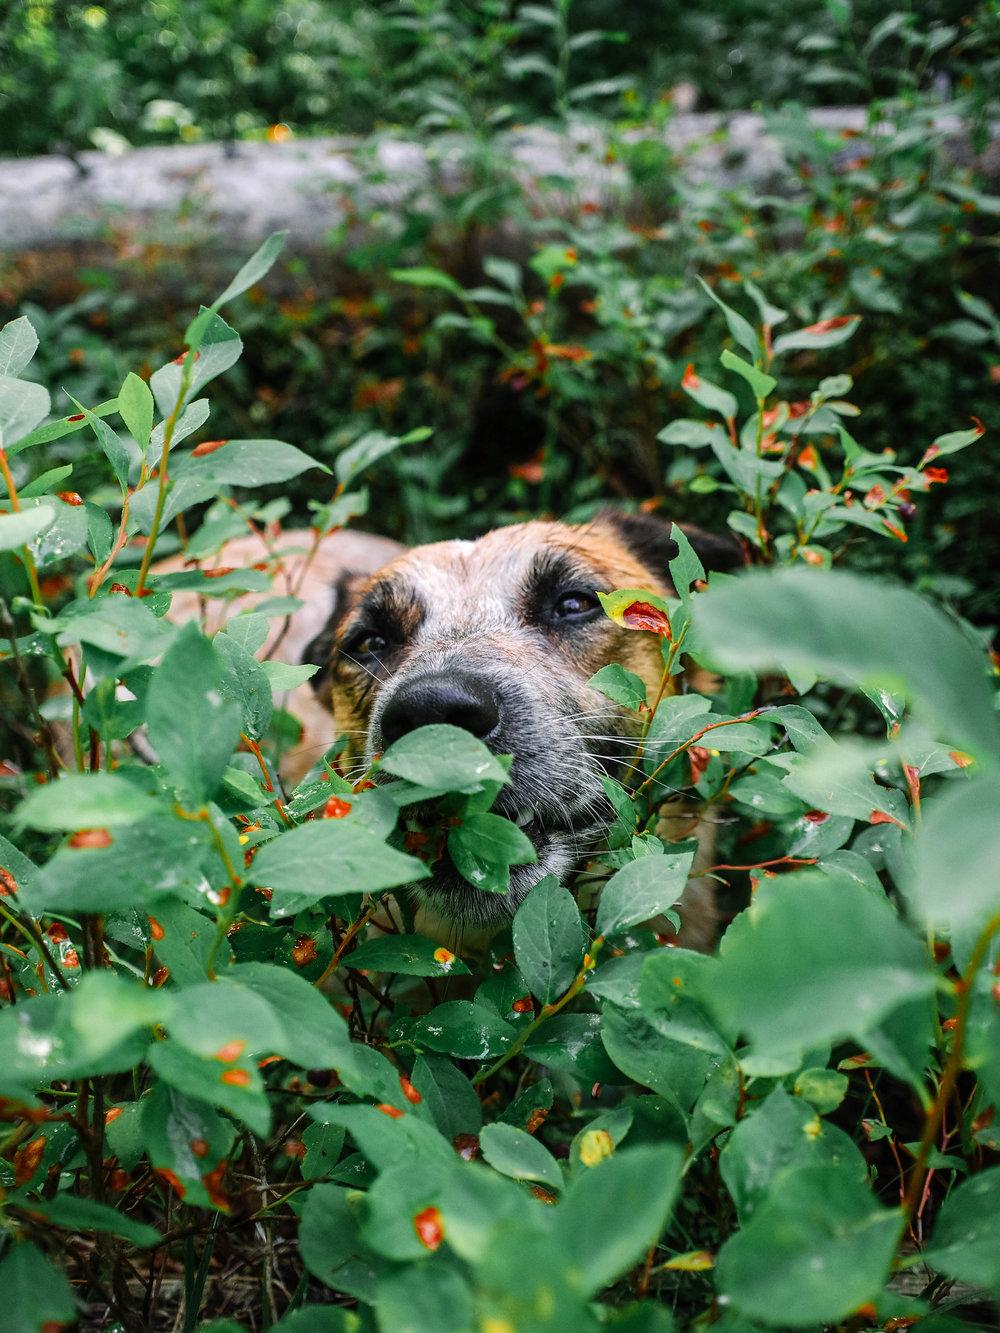 Judd in the huckleberries